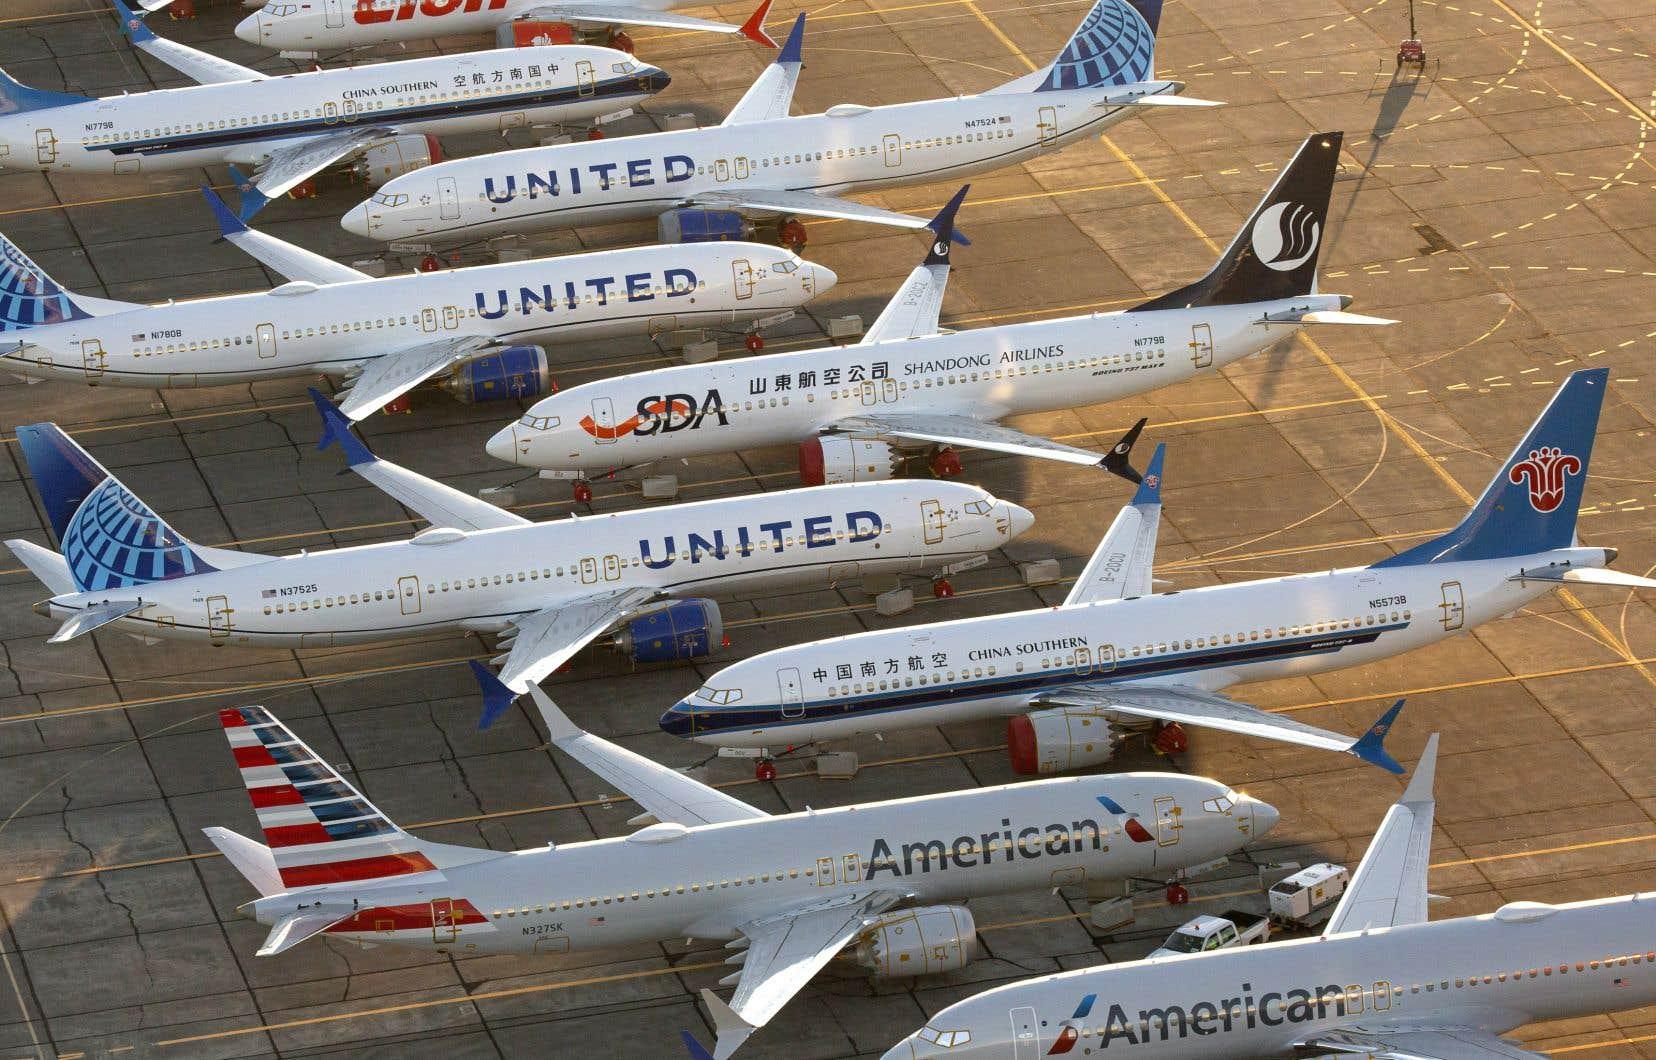 L'agence fédérale de l'aviation (FAA) entend prendre son temps pour examiner en profondeur les changements apportés par Boeing à l'avion.